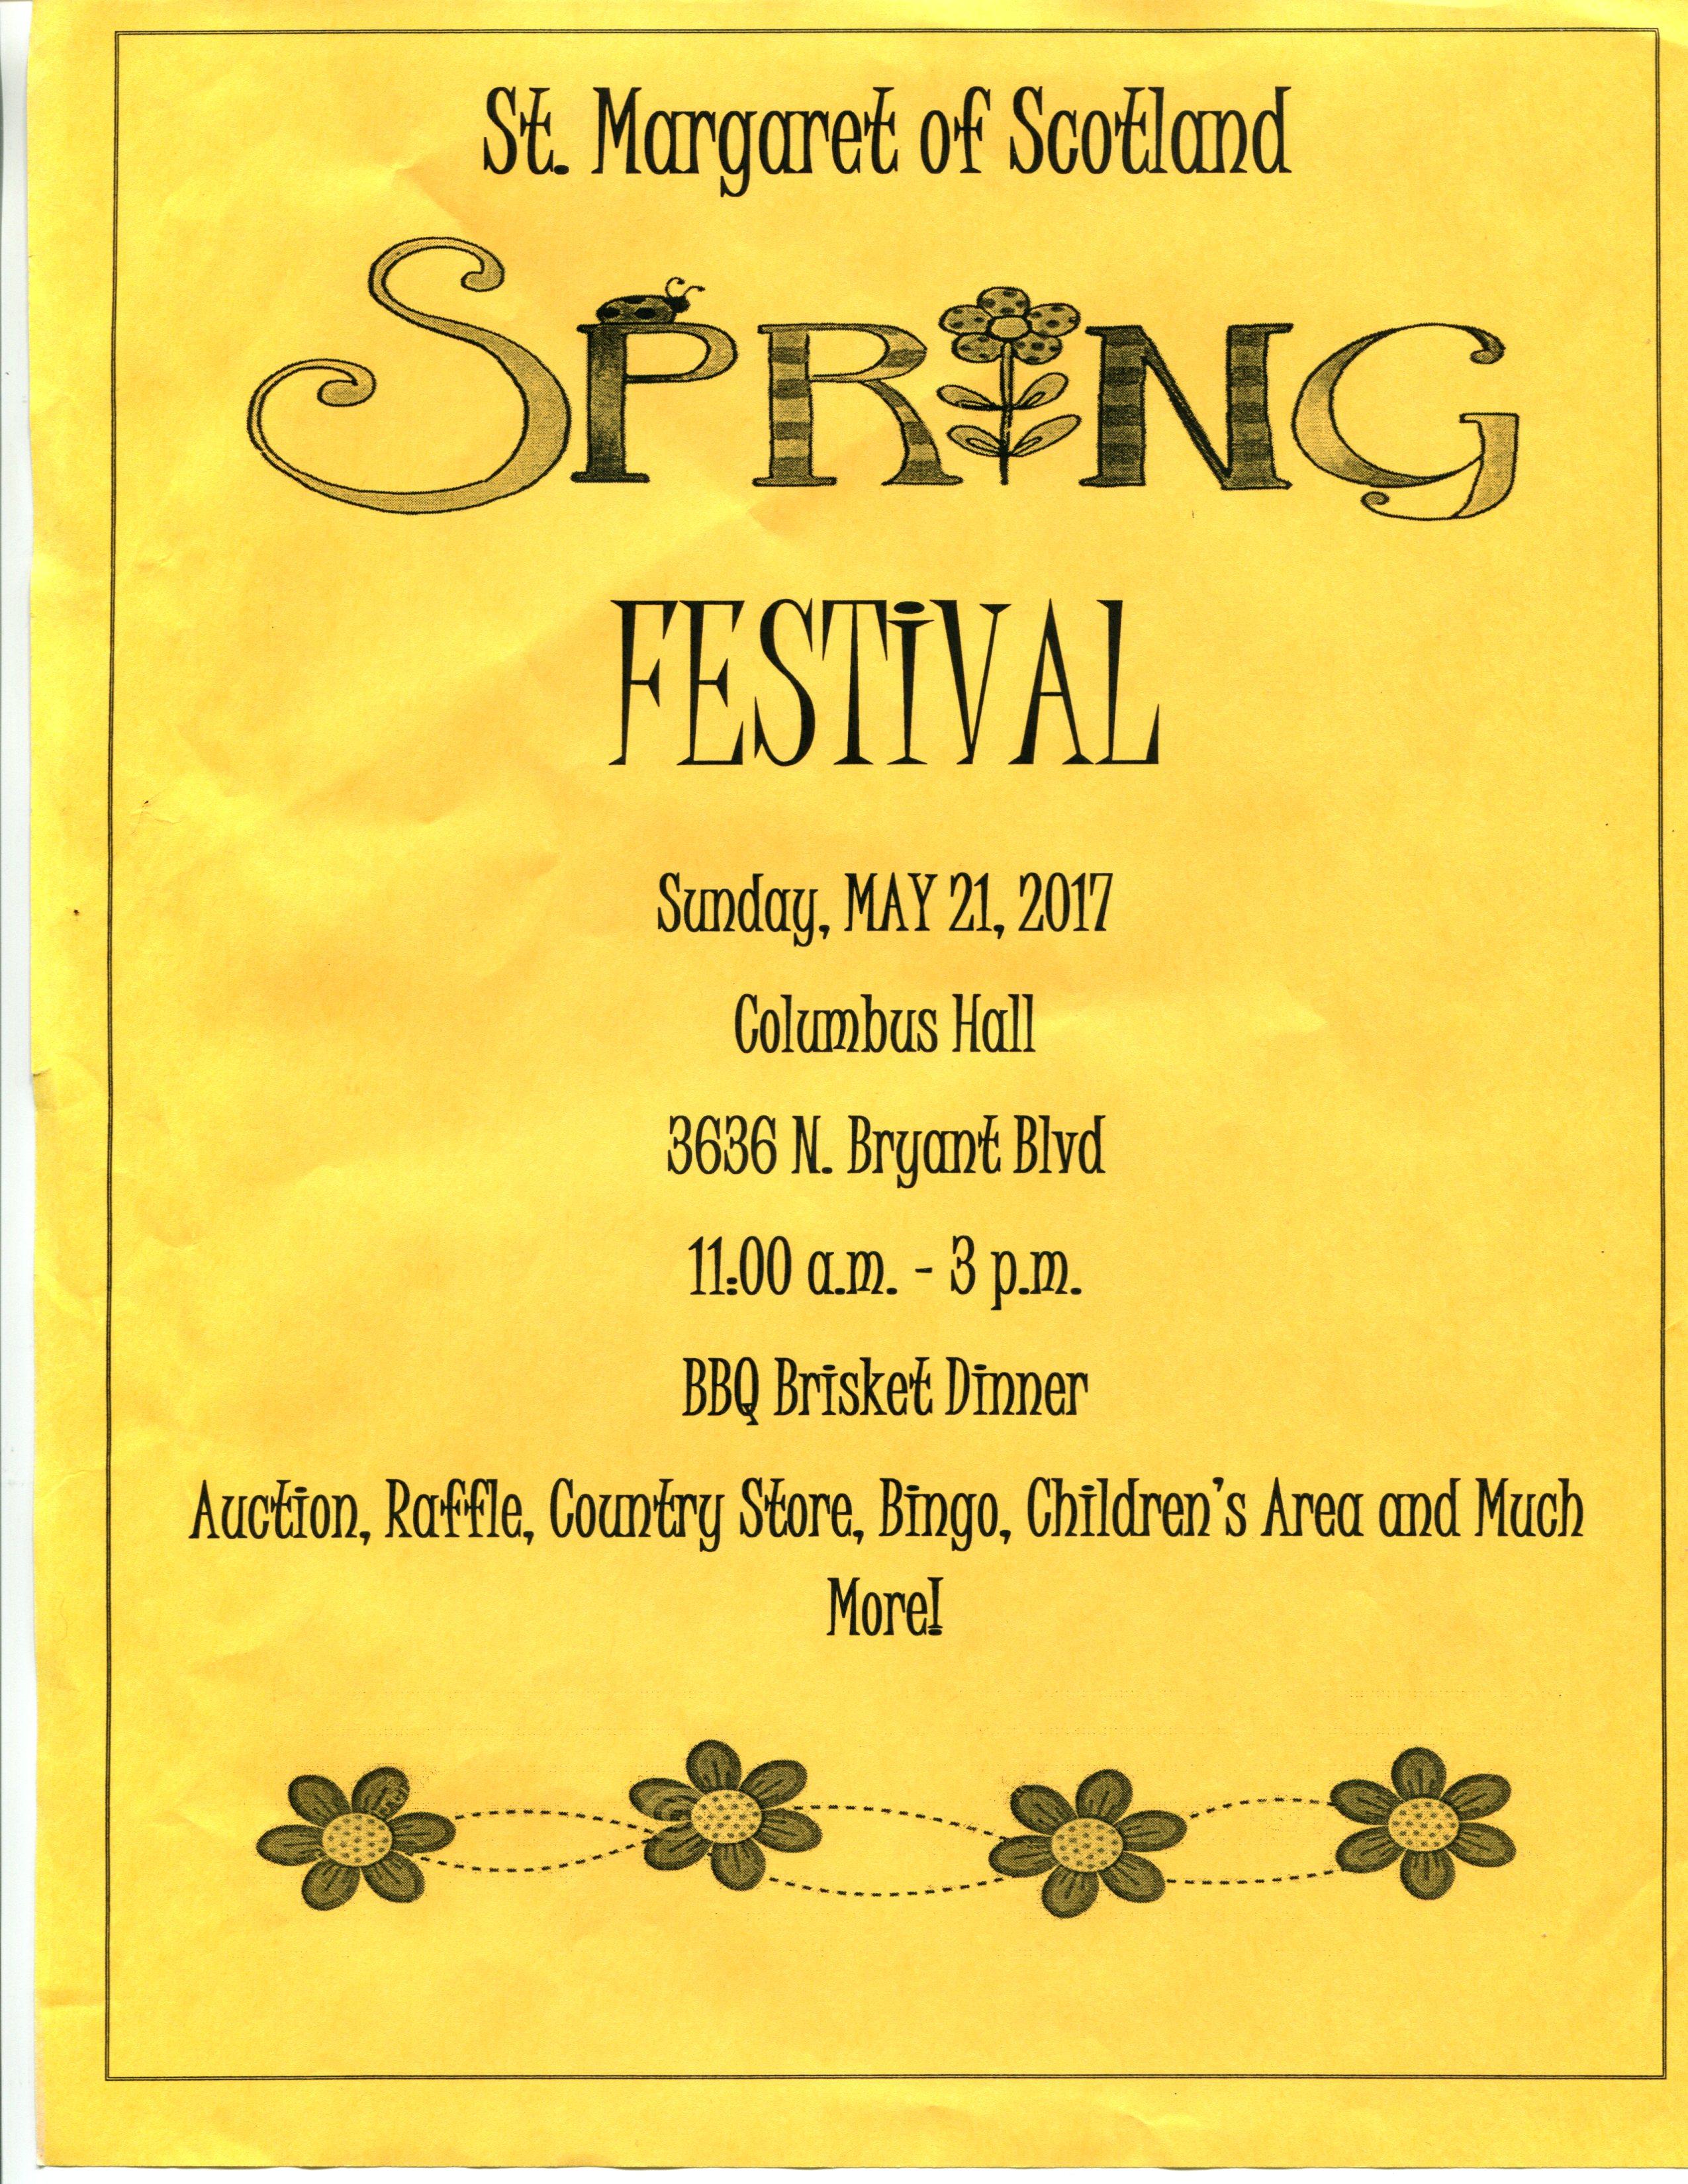 St. Margaret's Spring Festival